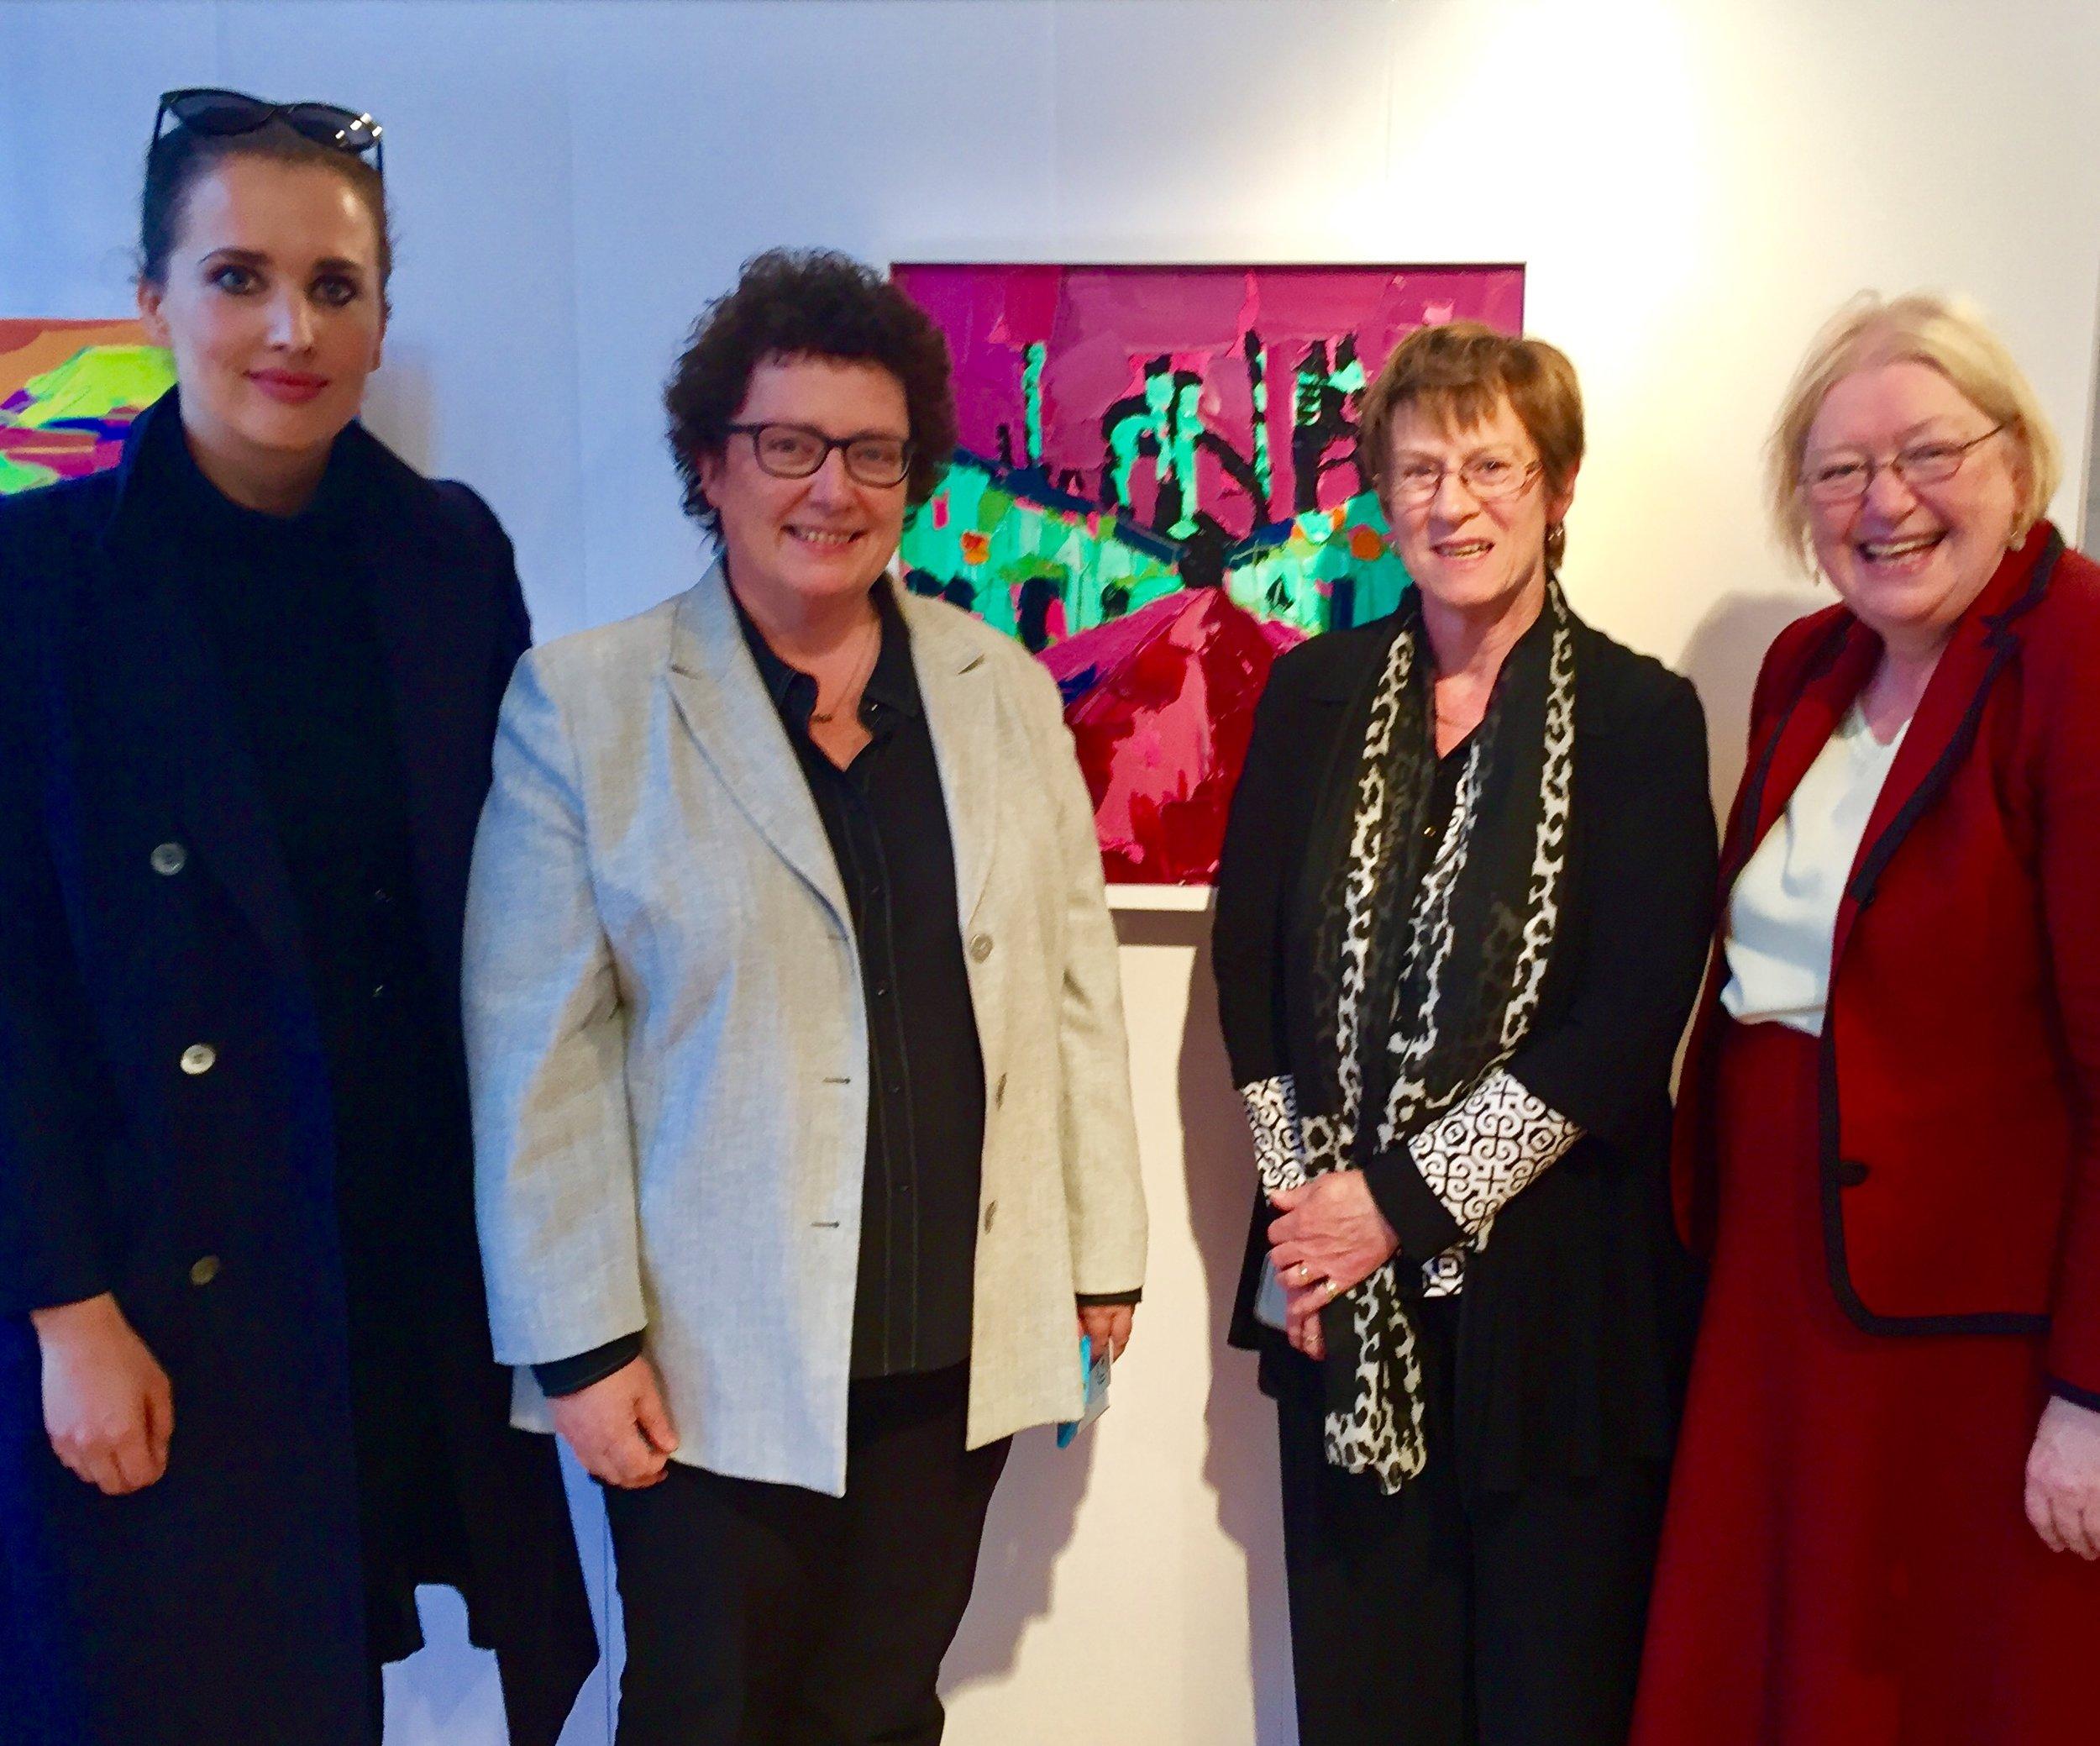 Exhibition: 'Yn Perthyn i'r Tirwedd/ Belonging to the Landscape'